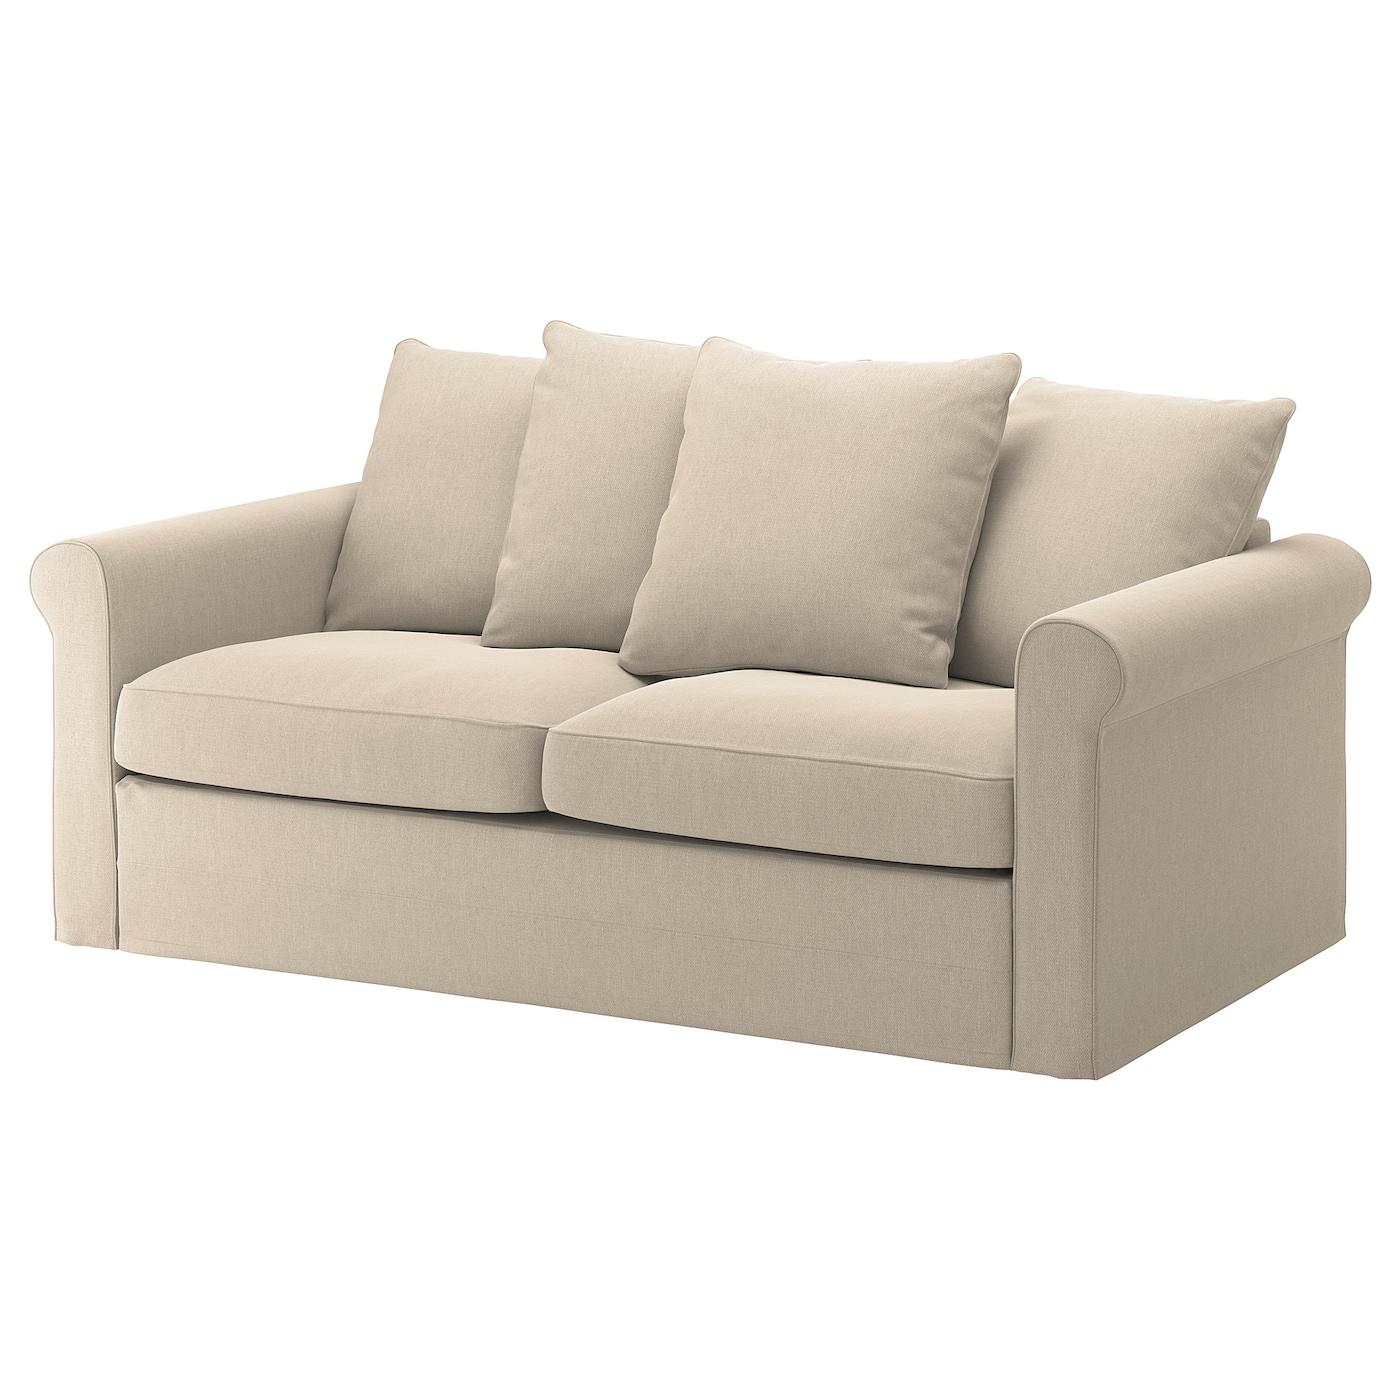 Canapé Ikea Convertible 2 Places grÖnlid housse de canapé-lit 2 places, inseros blanc